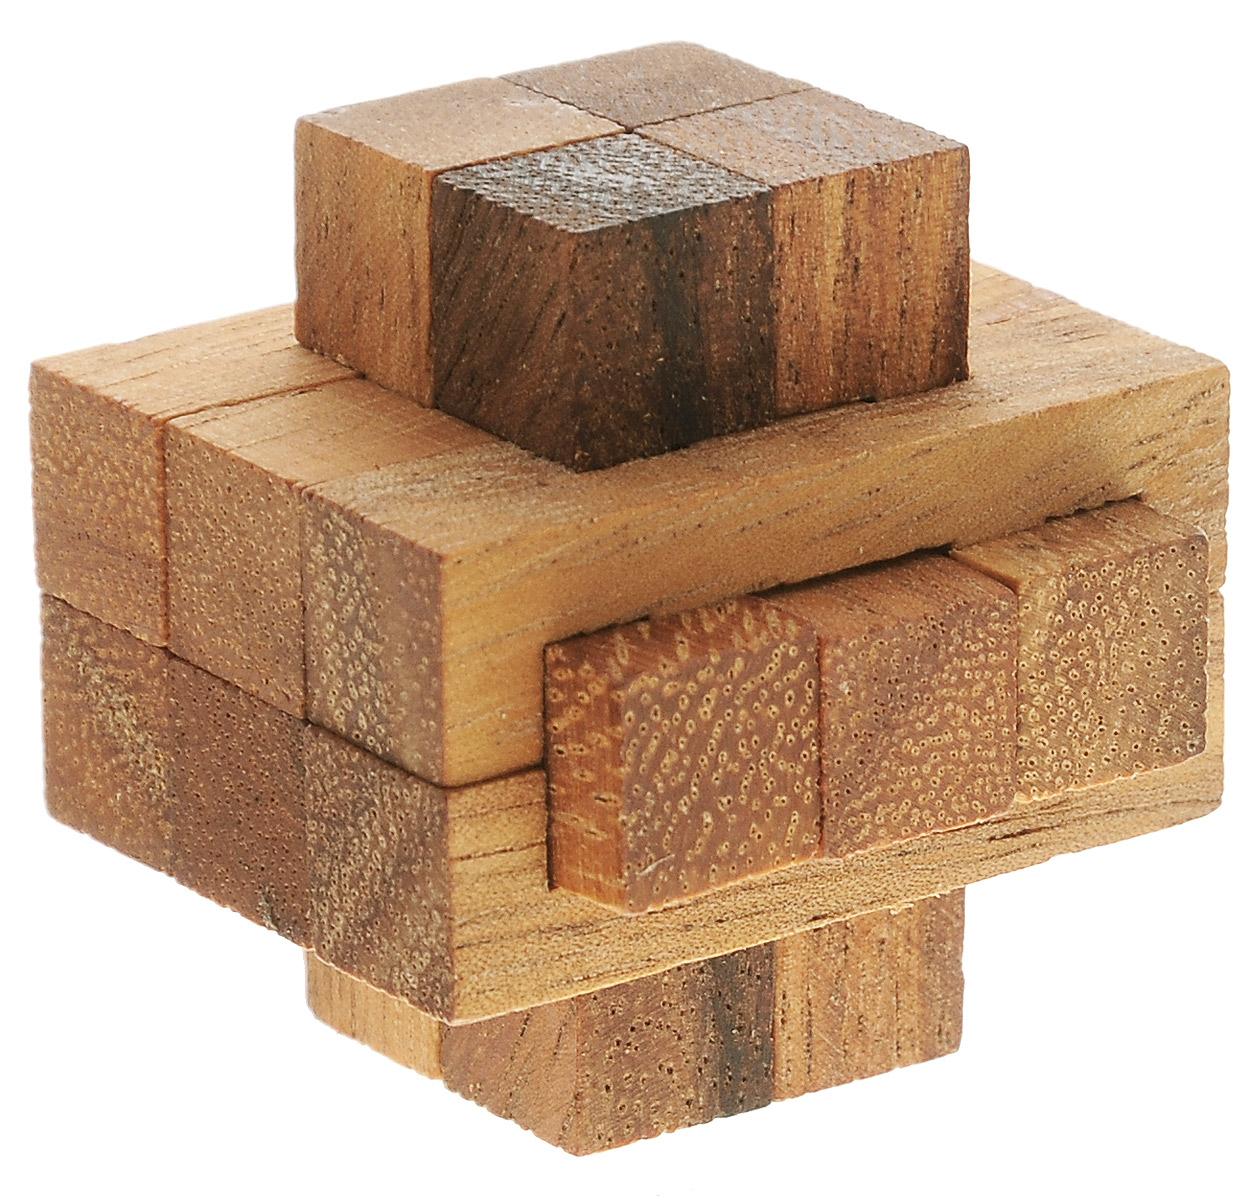 Dilemma Головоломка Колючка со смешанными блокамиIQ139BГоловоломка Dilemma Колючка со смешанными блоками, выполненная из дерева, станет отличным подарком всем любителям головоломок! Головоломка для одного игрока. Представляет собой 12 деревянных элементов. Не менее трех элементов должны пересекаться под прямыми углами. Необходимо разобрать и собрать снова в трехмерную пересекающуюся конструкцию. Слишком сложно? Тогда вы можете воспользоваться подсказкой, которая находится в инструкции. Головоломка Dilemma Колючка со смешанными блоками стимулирует логику, пространственное мышление и мелкую моторику рук.